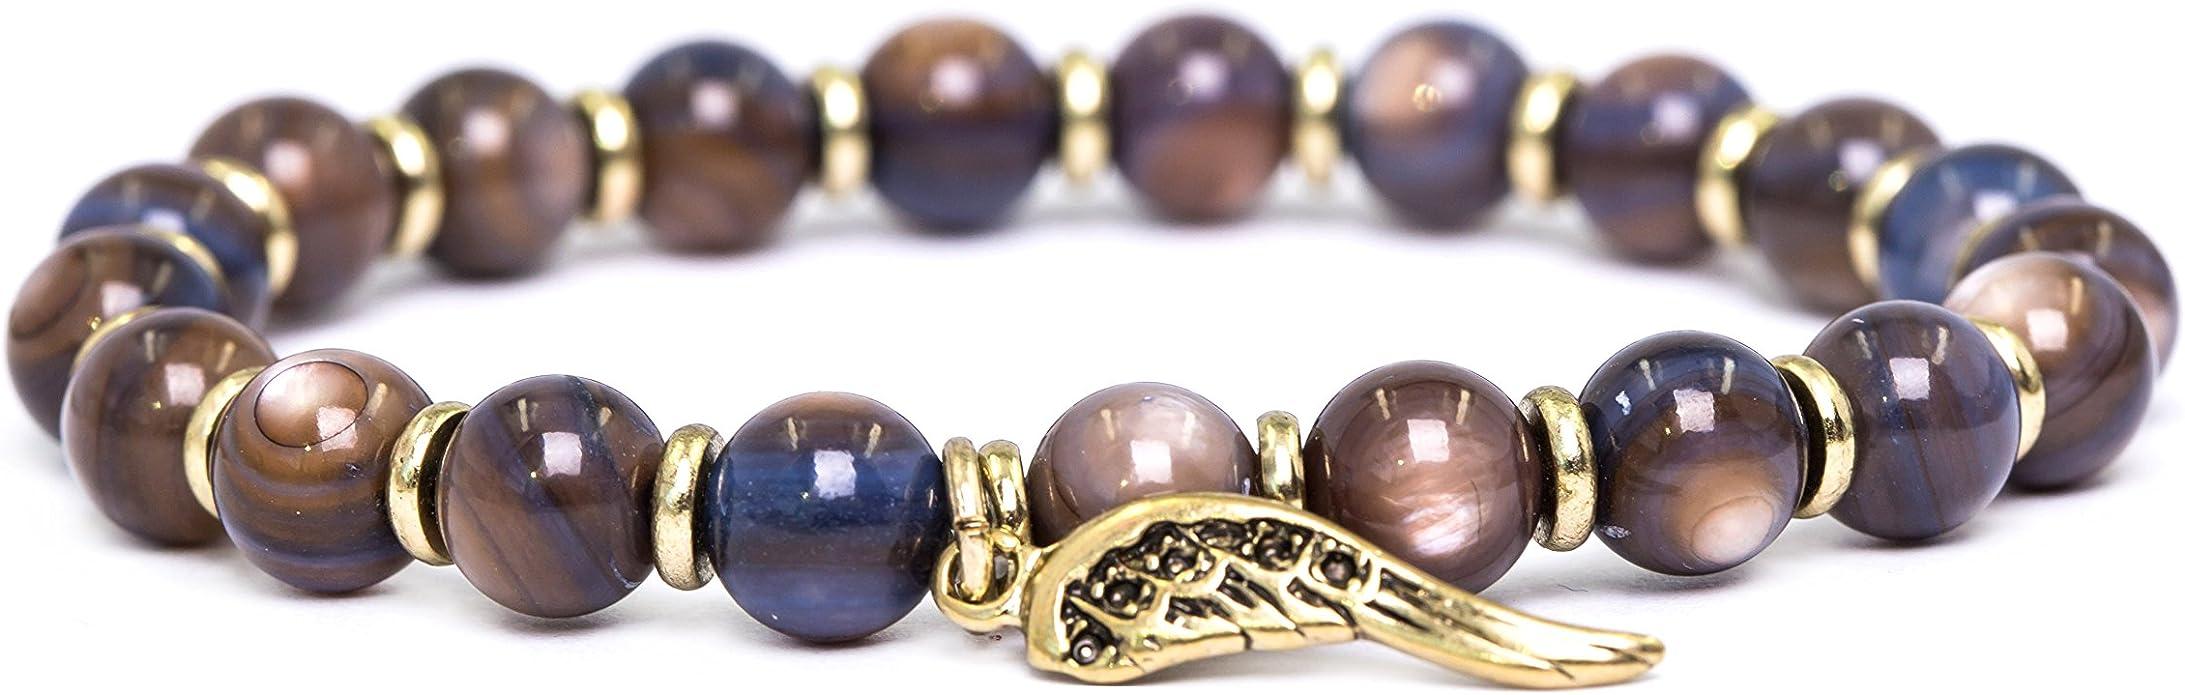 Semiprecious Agate Bracelet Agate Stone Bracelet Semiprecious Stone Beads Bracelet Designer Gemstone Bracelet Two Strand Agate Bracelet